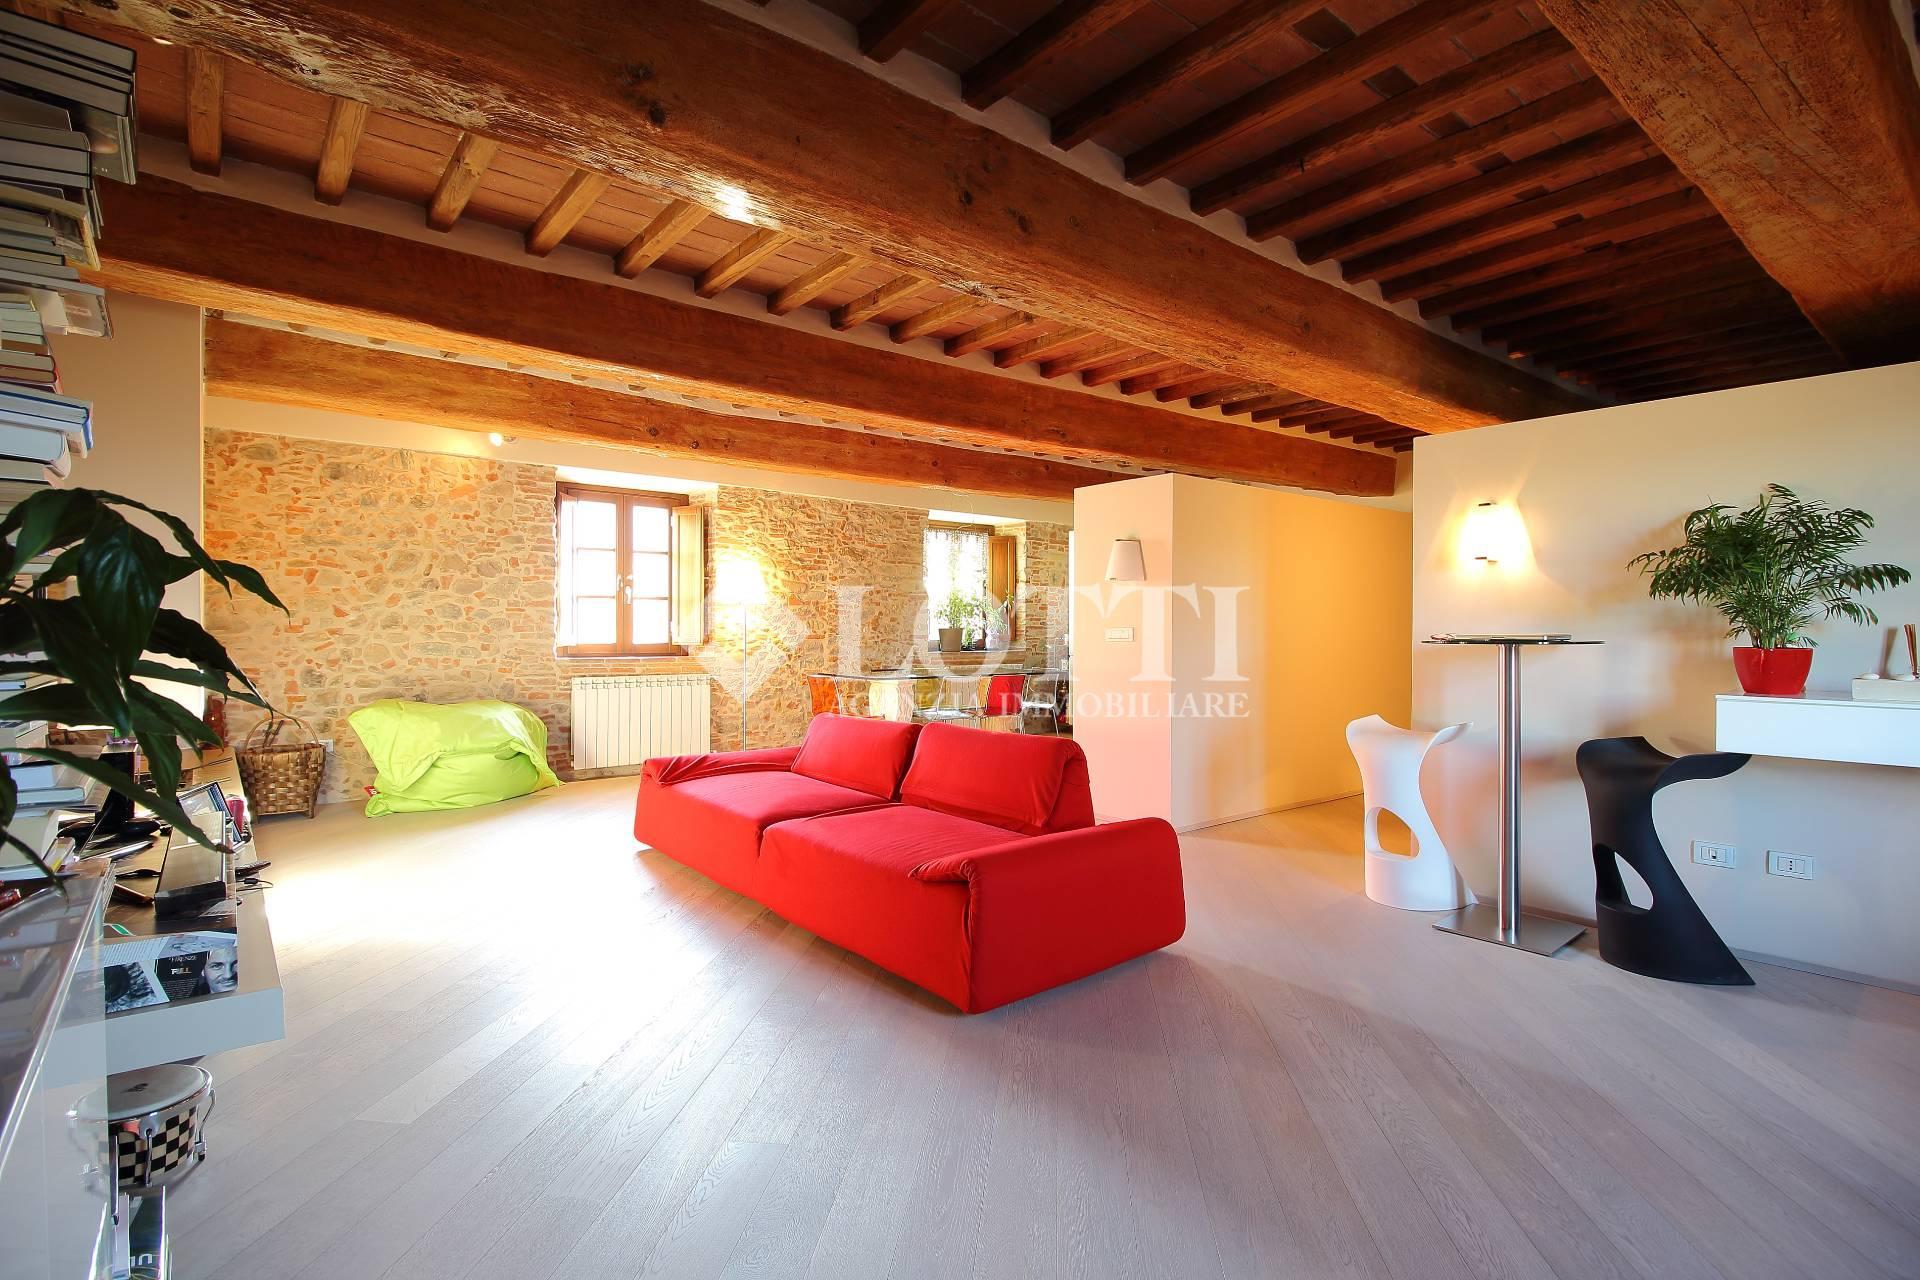 Appartamento in vendita a Vorno, Capannori (LU)